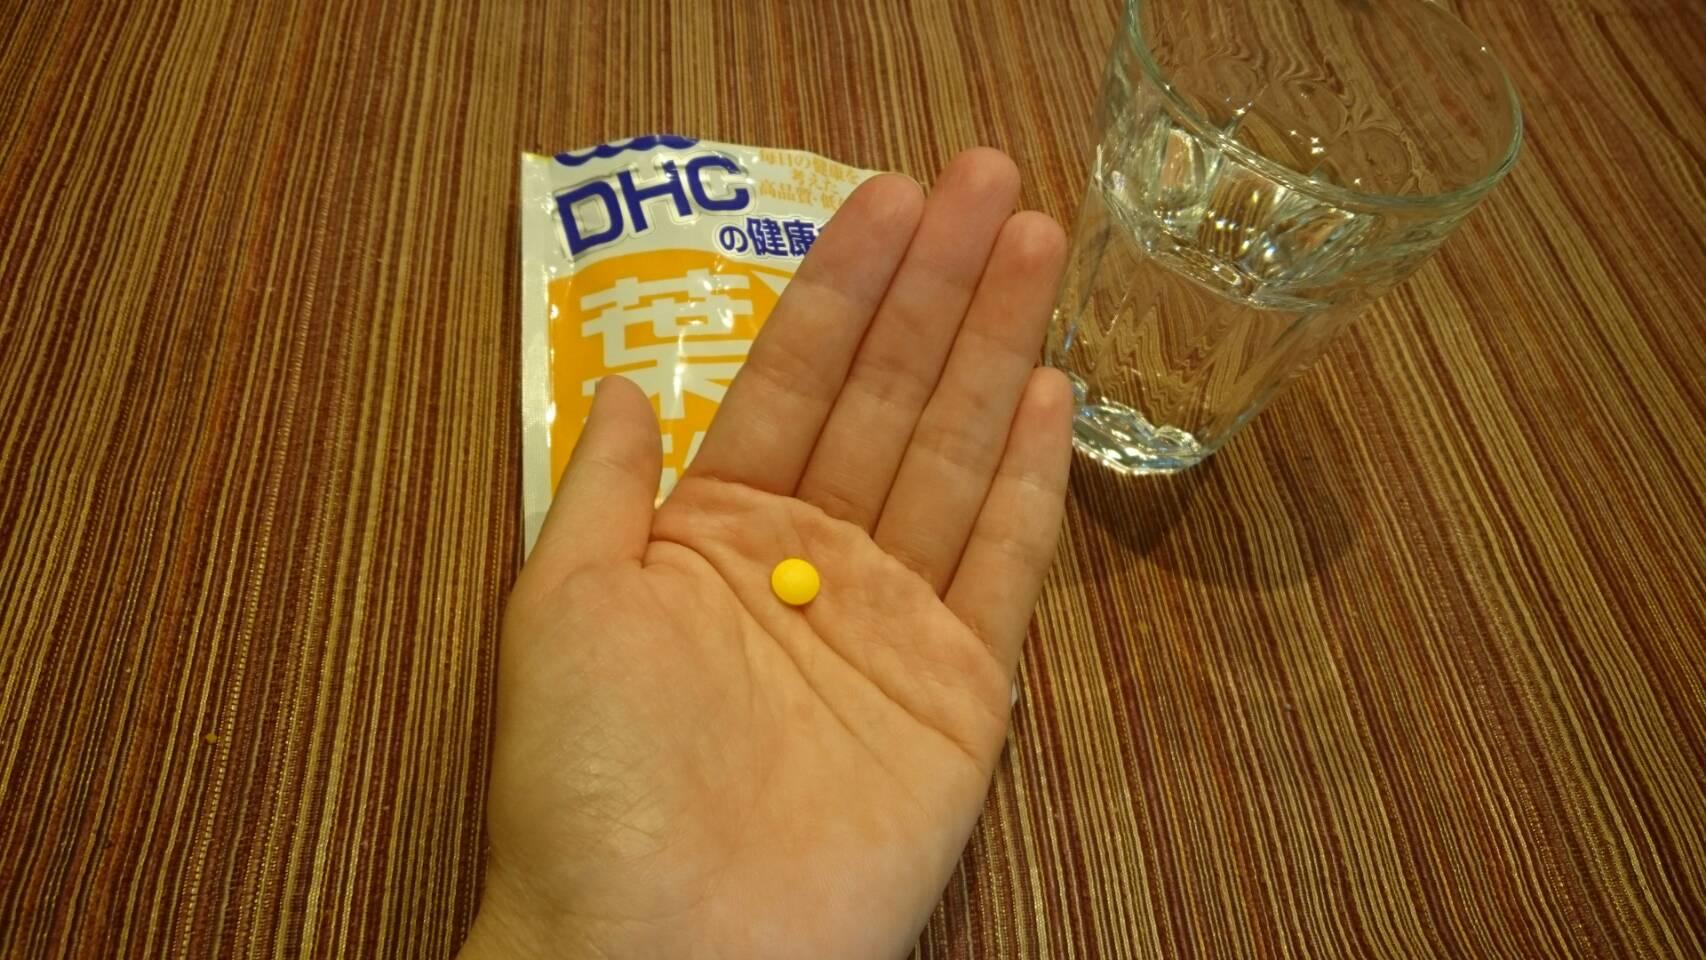 DHCの葉酸サプリの飲み方